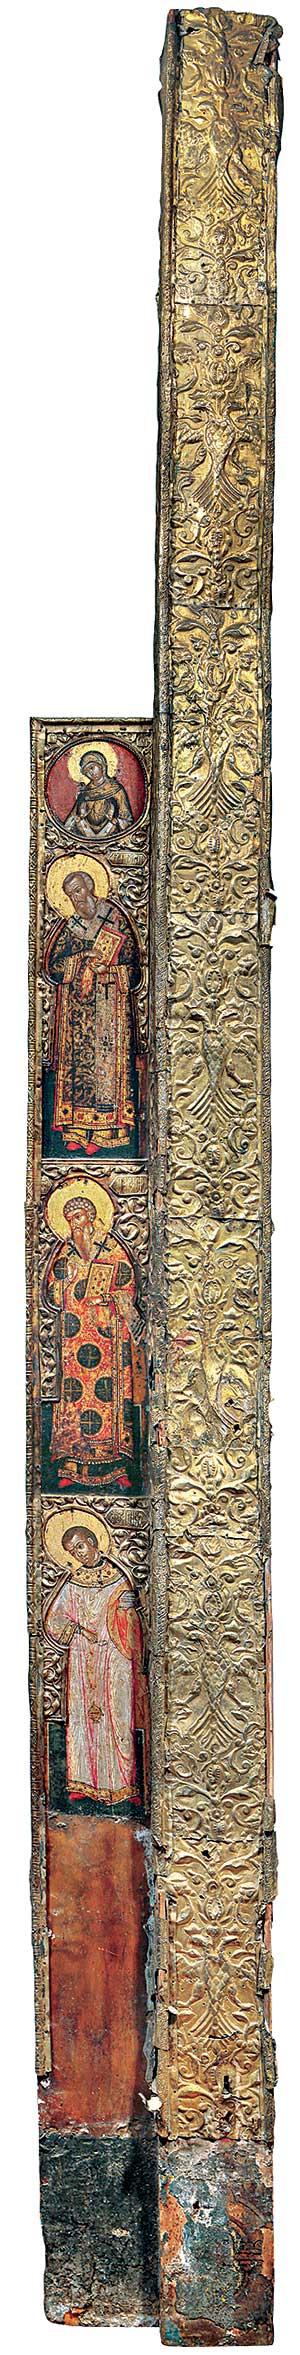 Столбик Царских врат (правый)